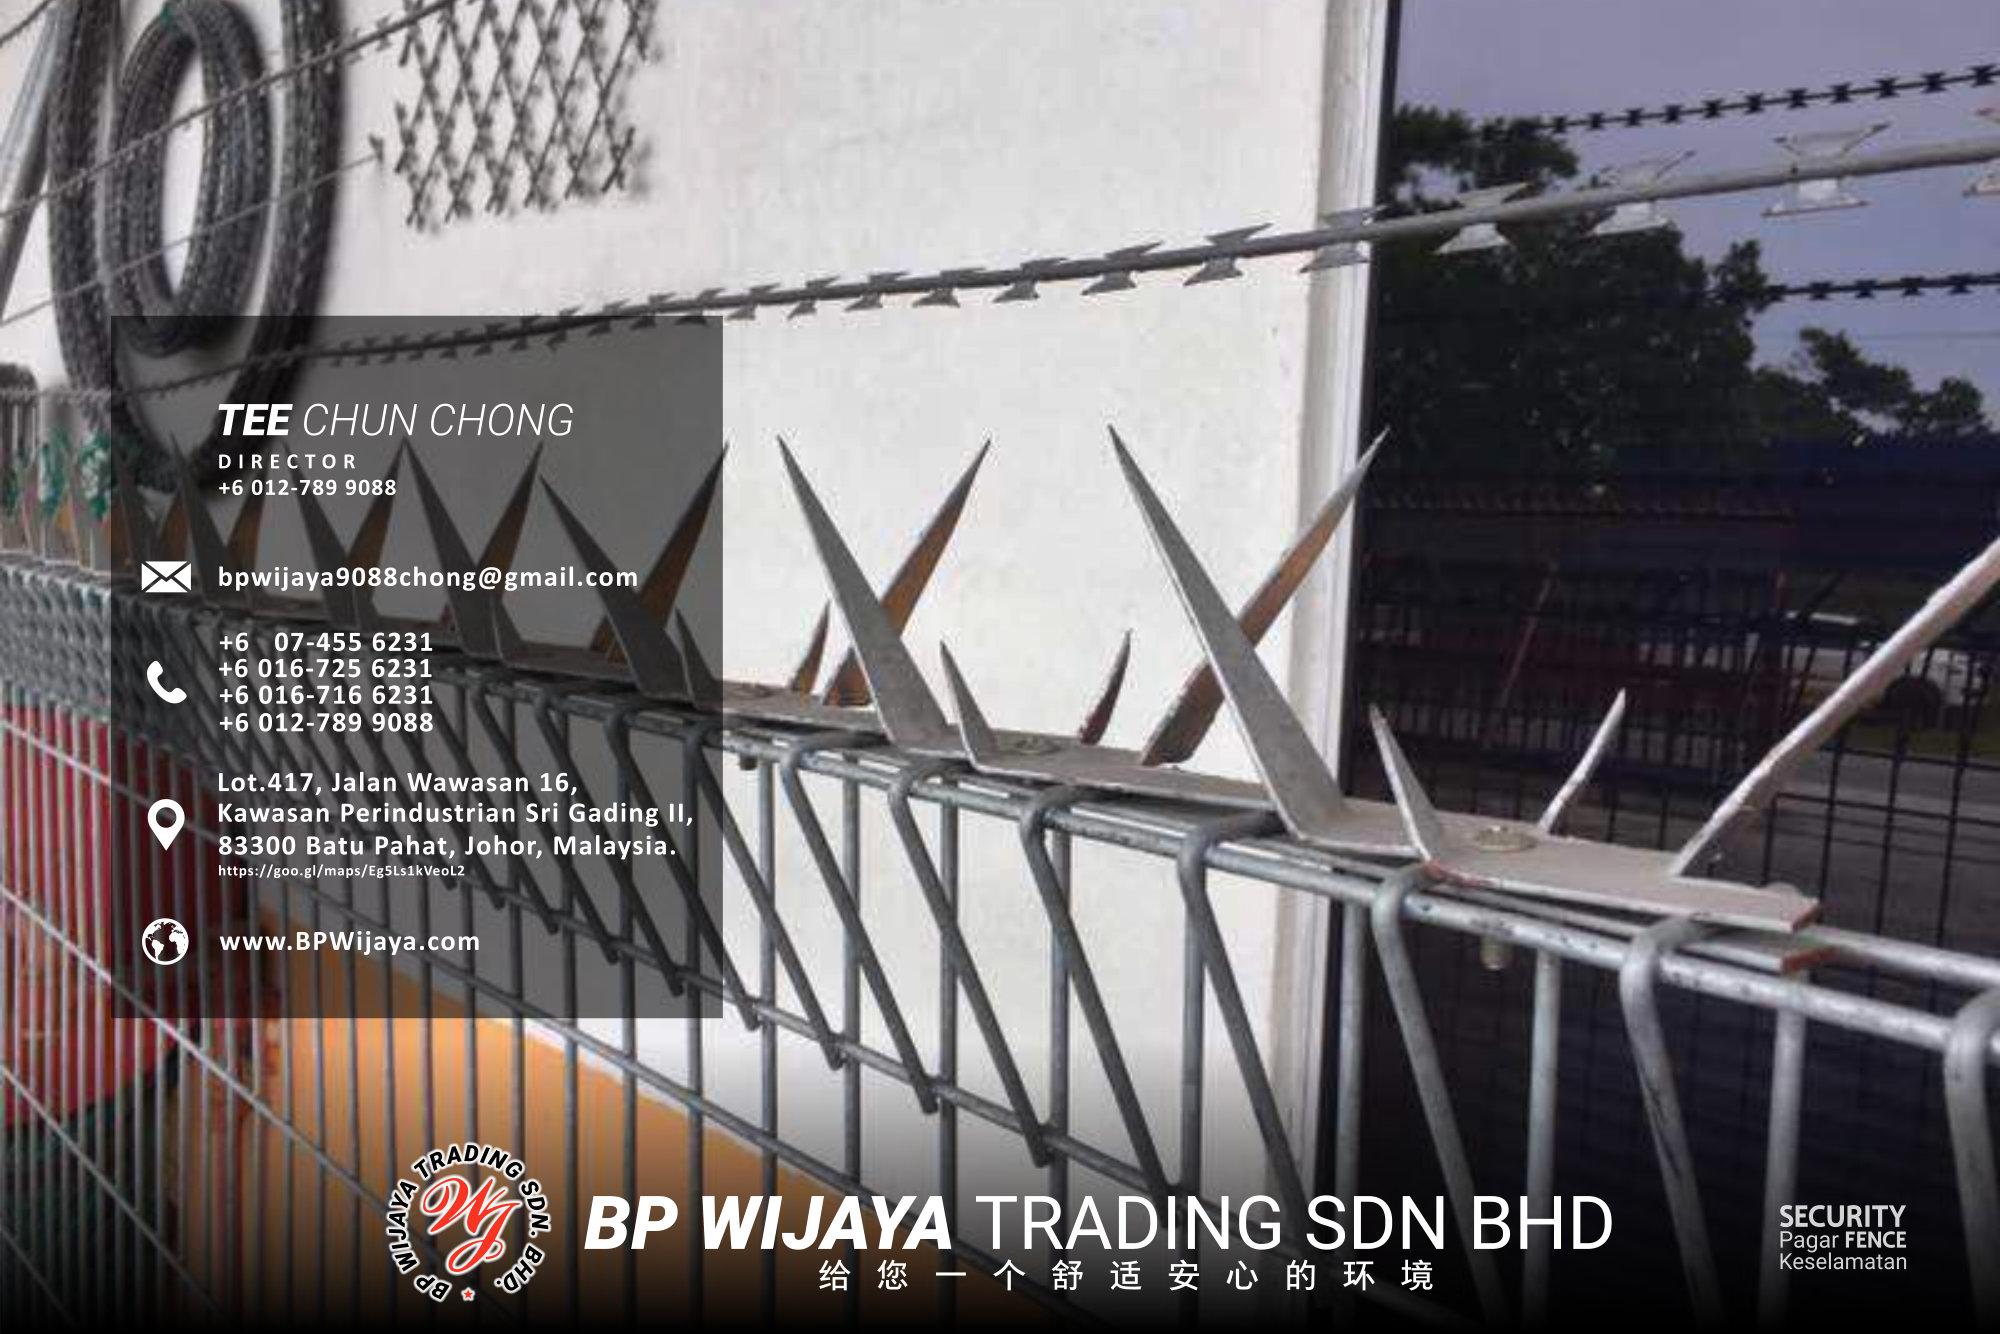 吉隆坡安全篱笆供应商 - 我们是安全篱笆制造商 BP Wijaya Trading Sdn Bhd 住家围栏篱笆 提供 吉隆坡篱笆 建筑材料 给 发展商 花园 公寓 住家 工厂 农场 果园 安全藩篱 建设 A03-025